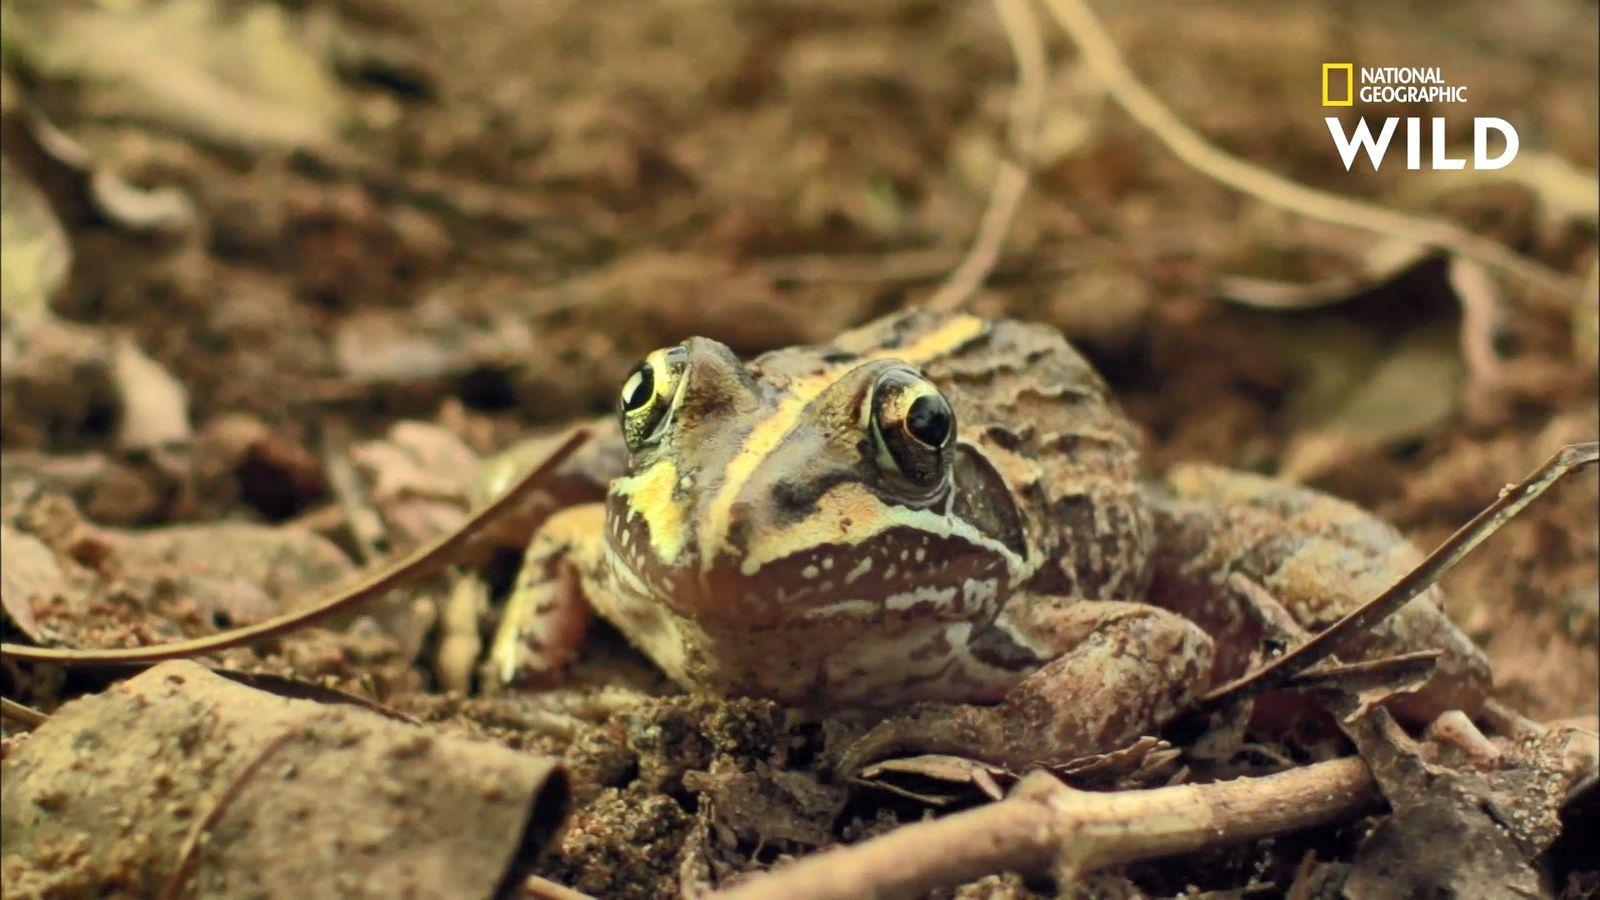 La championne du monde du saut en longueur est une grenouille